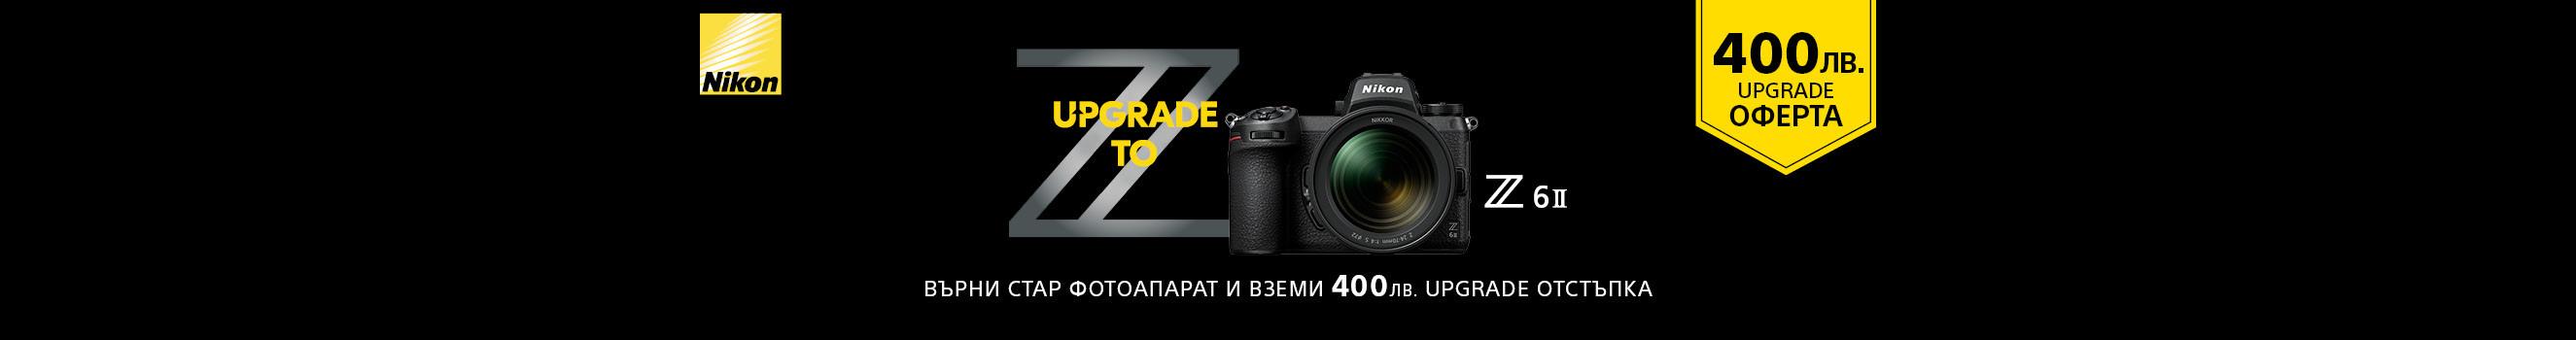 Вземи фотоапарат Nikon Z6 II или Nikon Z7 II с 400 лв. отстъпка